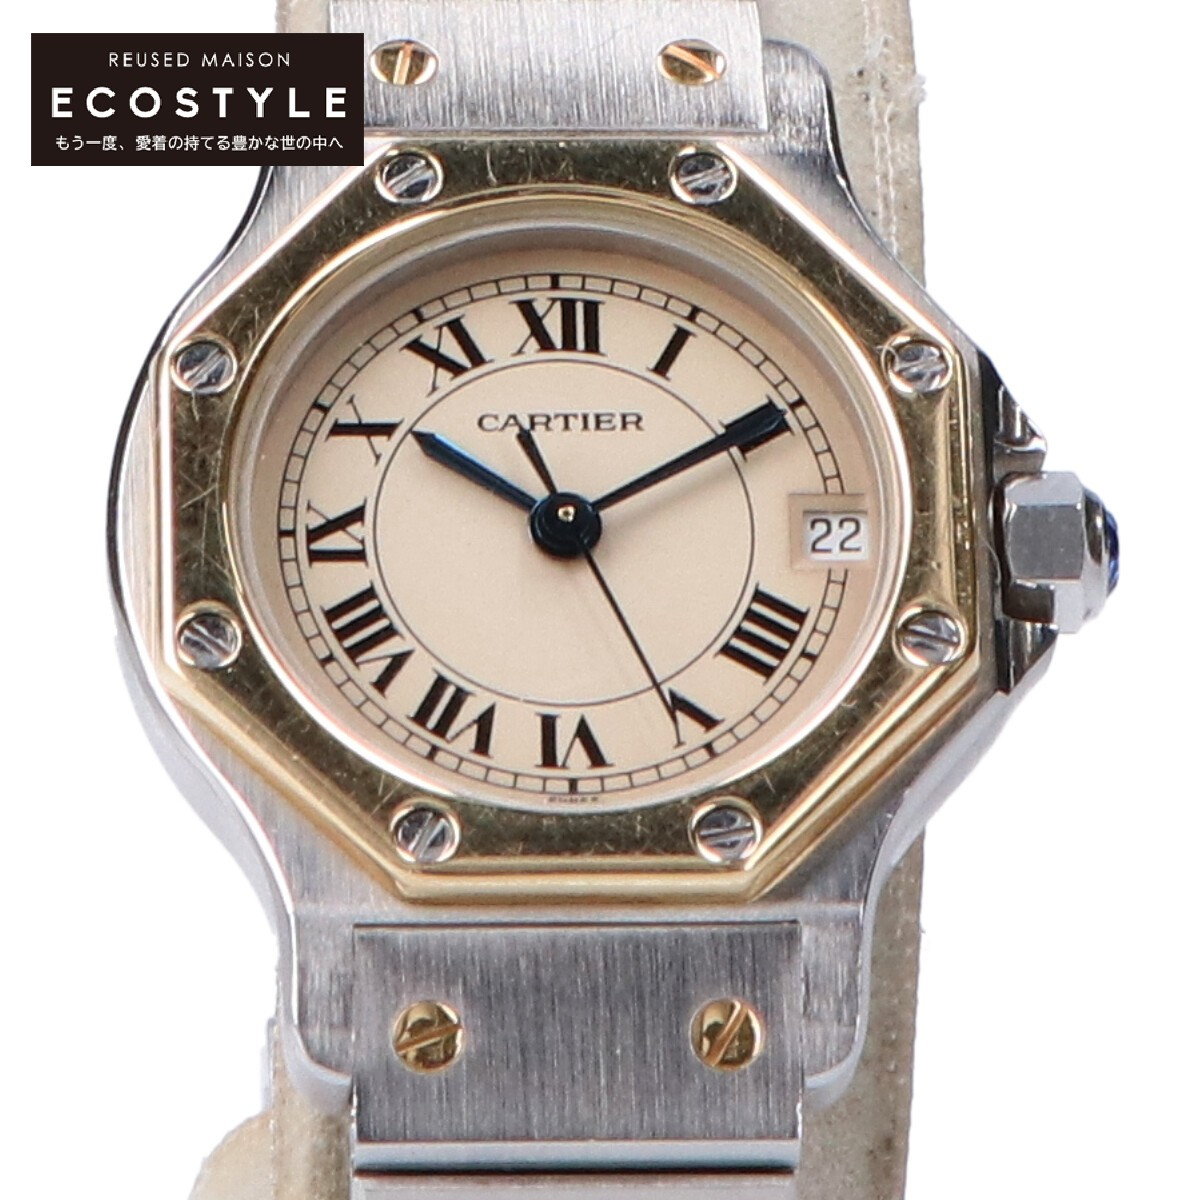 Cartier カルティエ 定番の人気シリーズPOINT ポイント 入荷 187903 SS 新作送料無料 18KYG Santos Octagon サントスオクタゴンSM イエローゴールド 中古 腕時計 シルバー クオーツ レディース ウォッチ